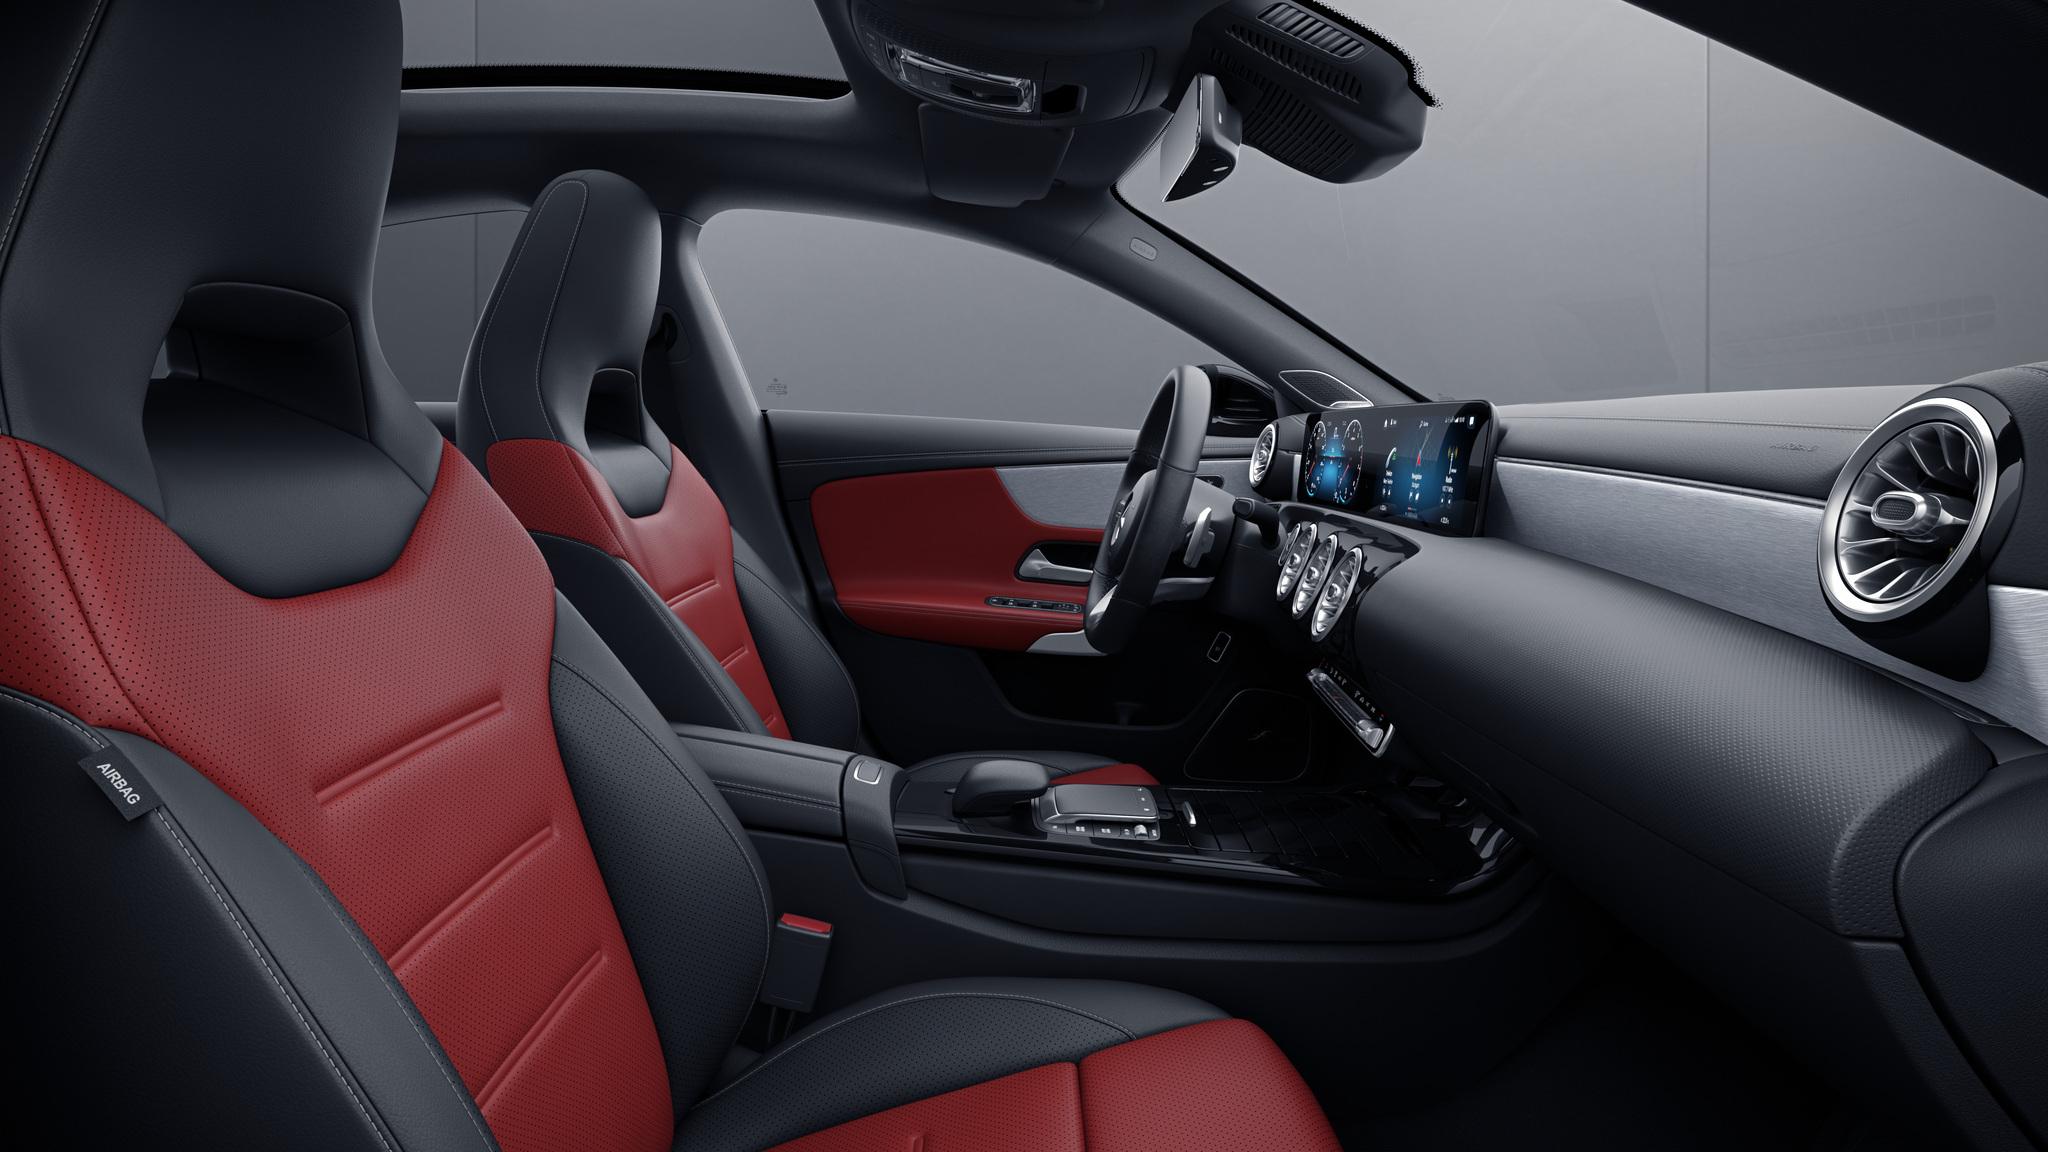 Habitacle de la Mercedes CLA avec une sellerie Cuir bicolore - rouge classique noir